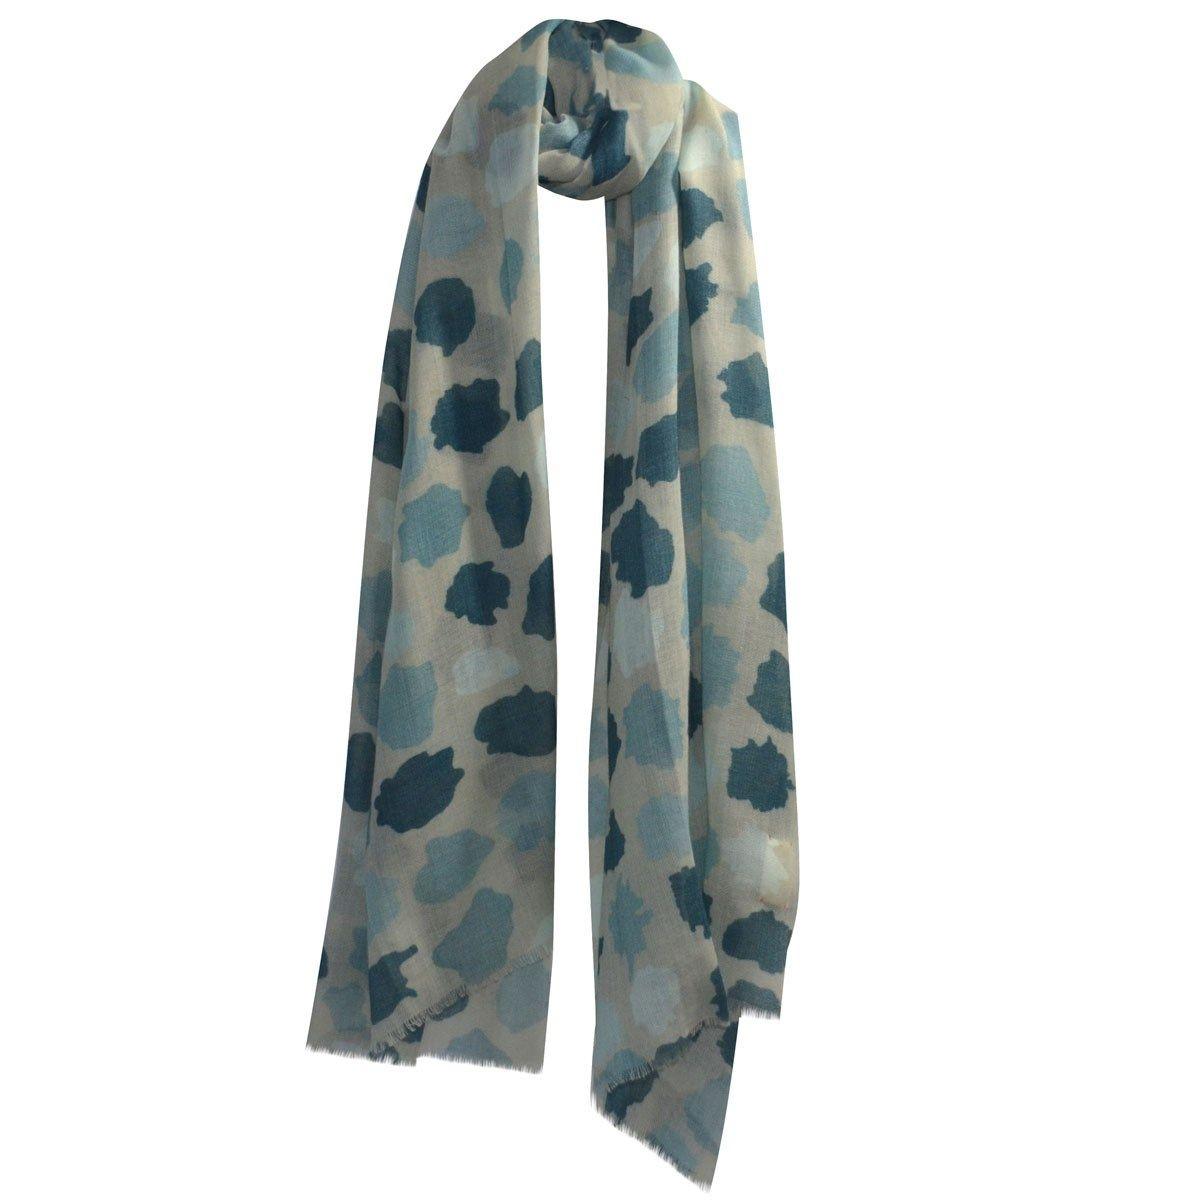 Écharpe douce laine et soie pois peints en camaïeux